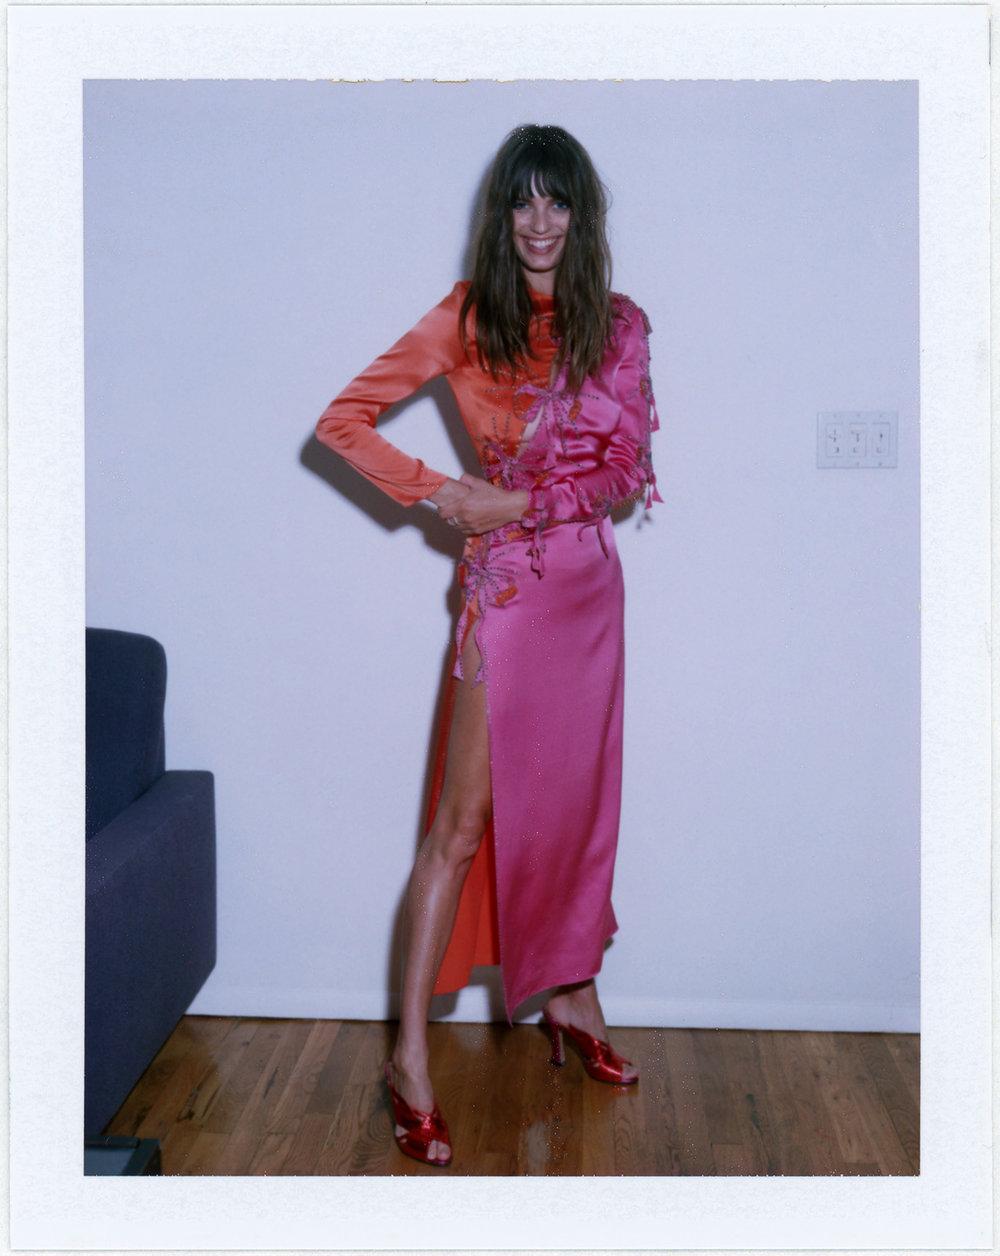 Vestido de  GUCCI, zapatos de  CHARLOTTE OLYMPIA  y anillo de  ANA KHOURI.